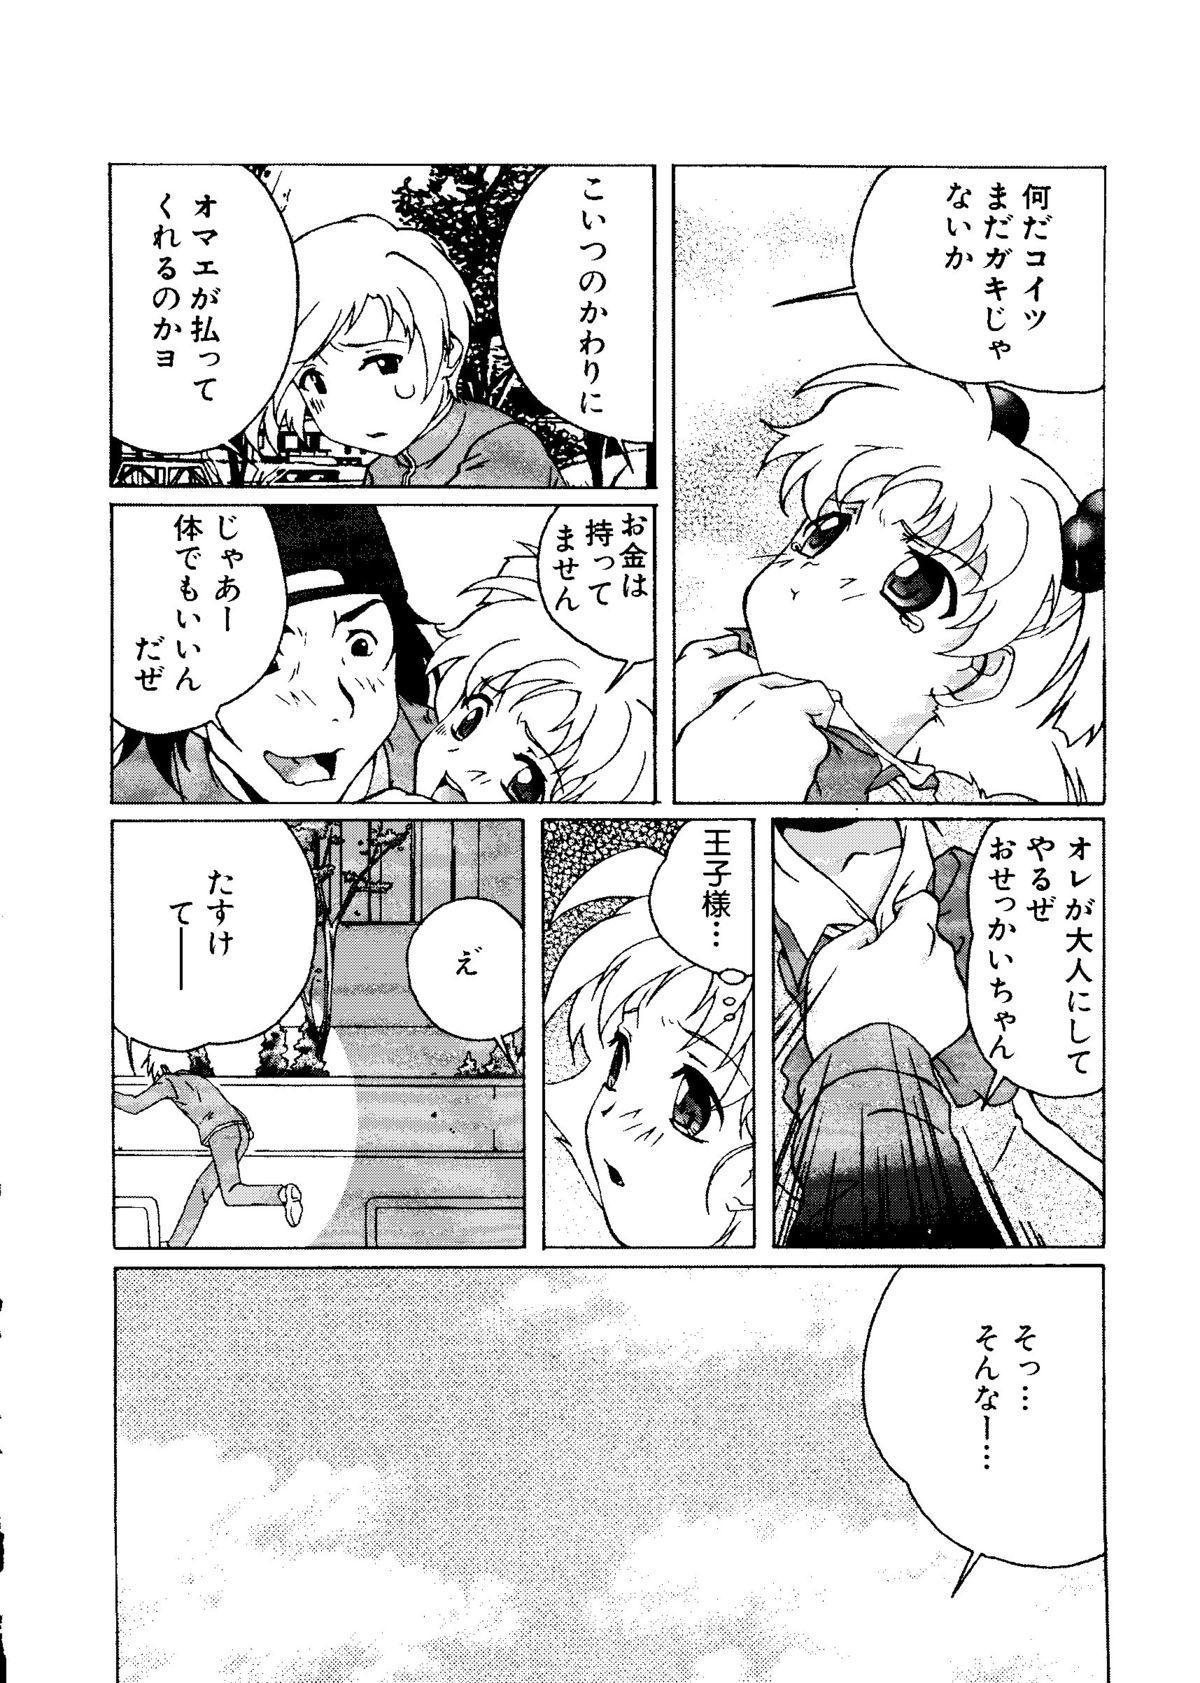 Mujirushi Youhin Vol. 7 110